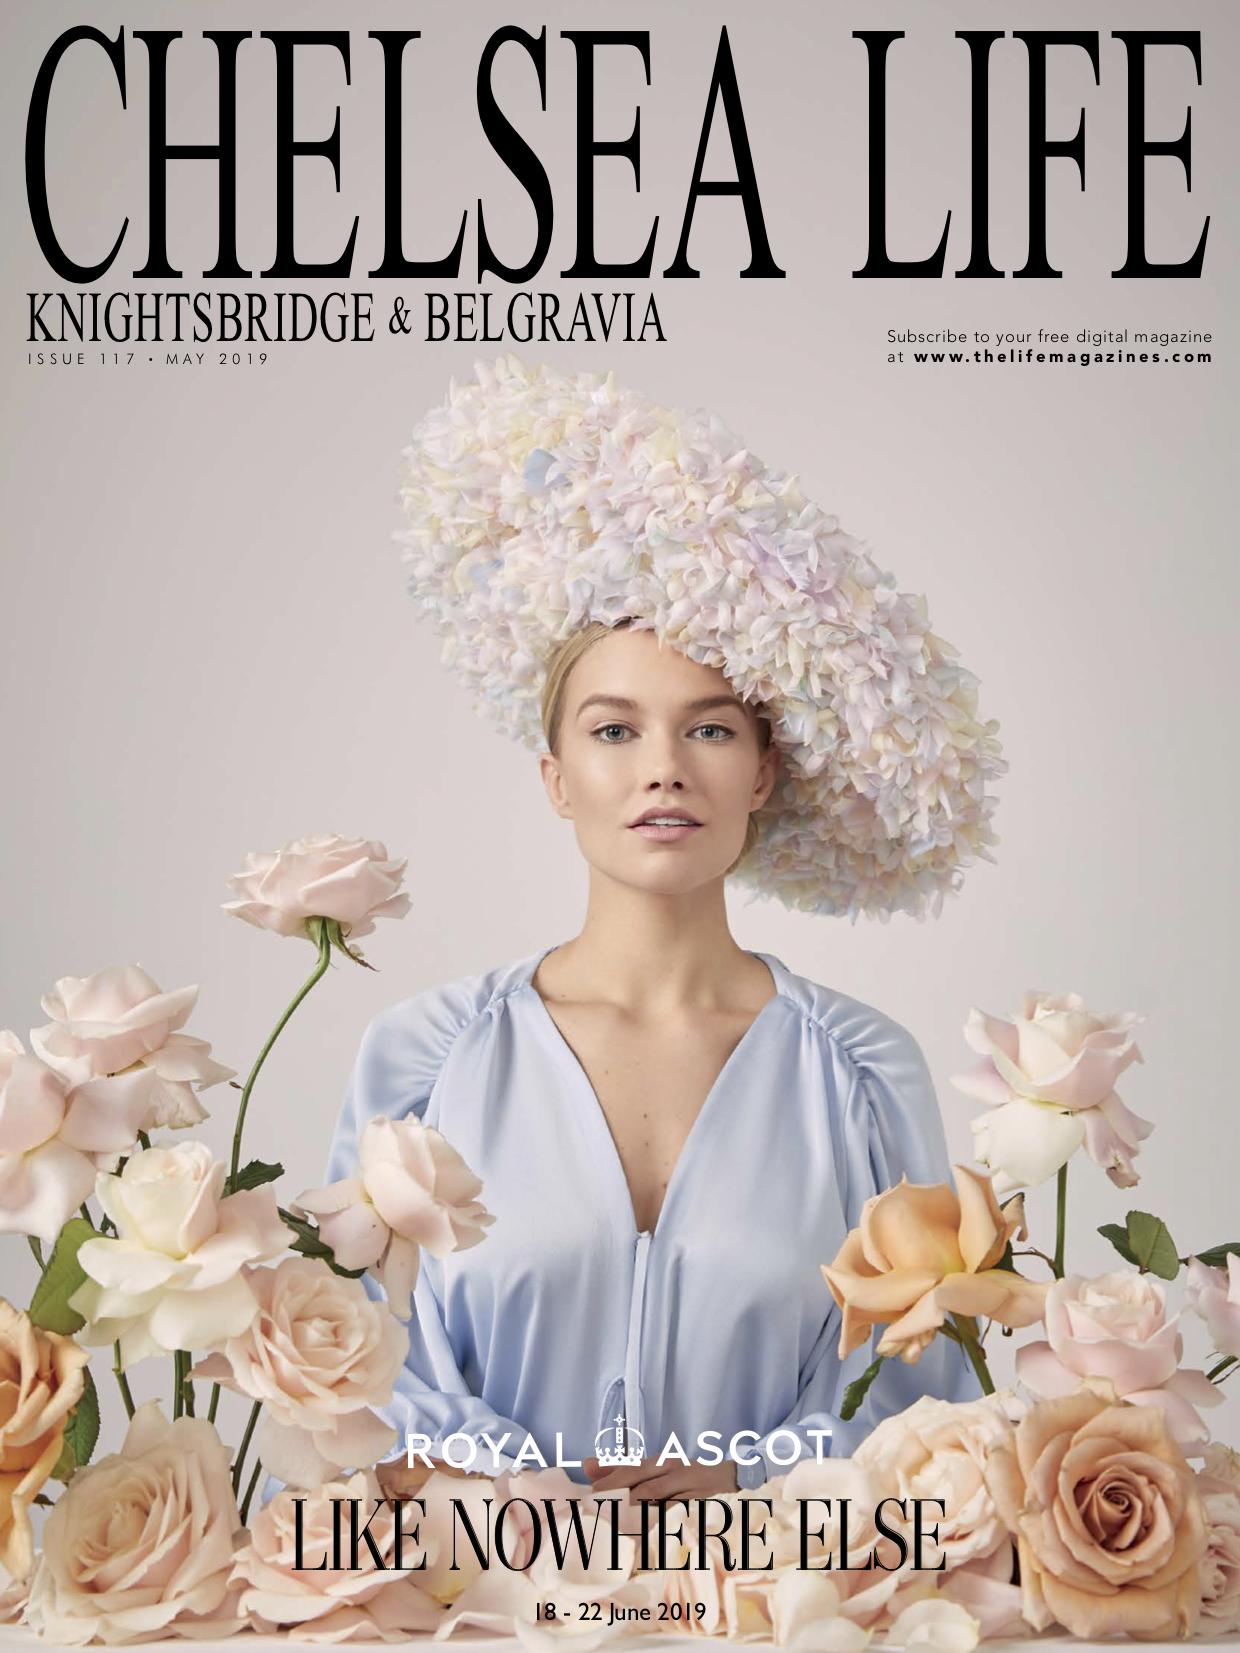 CHELSEA COVER.jpg